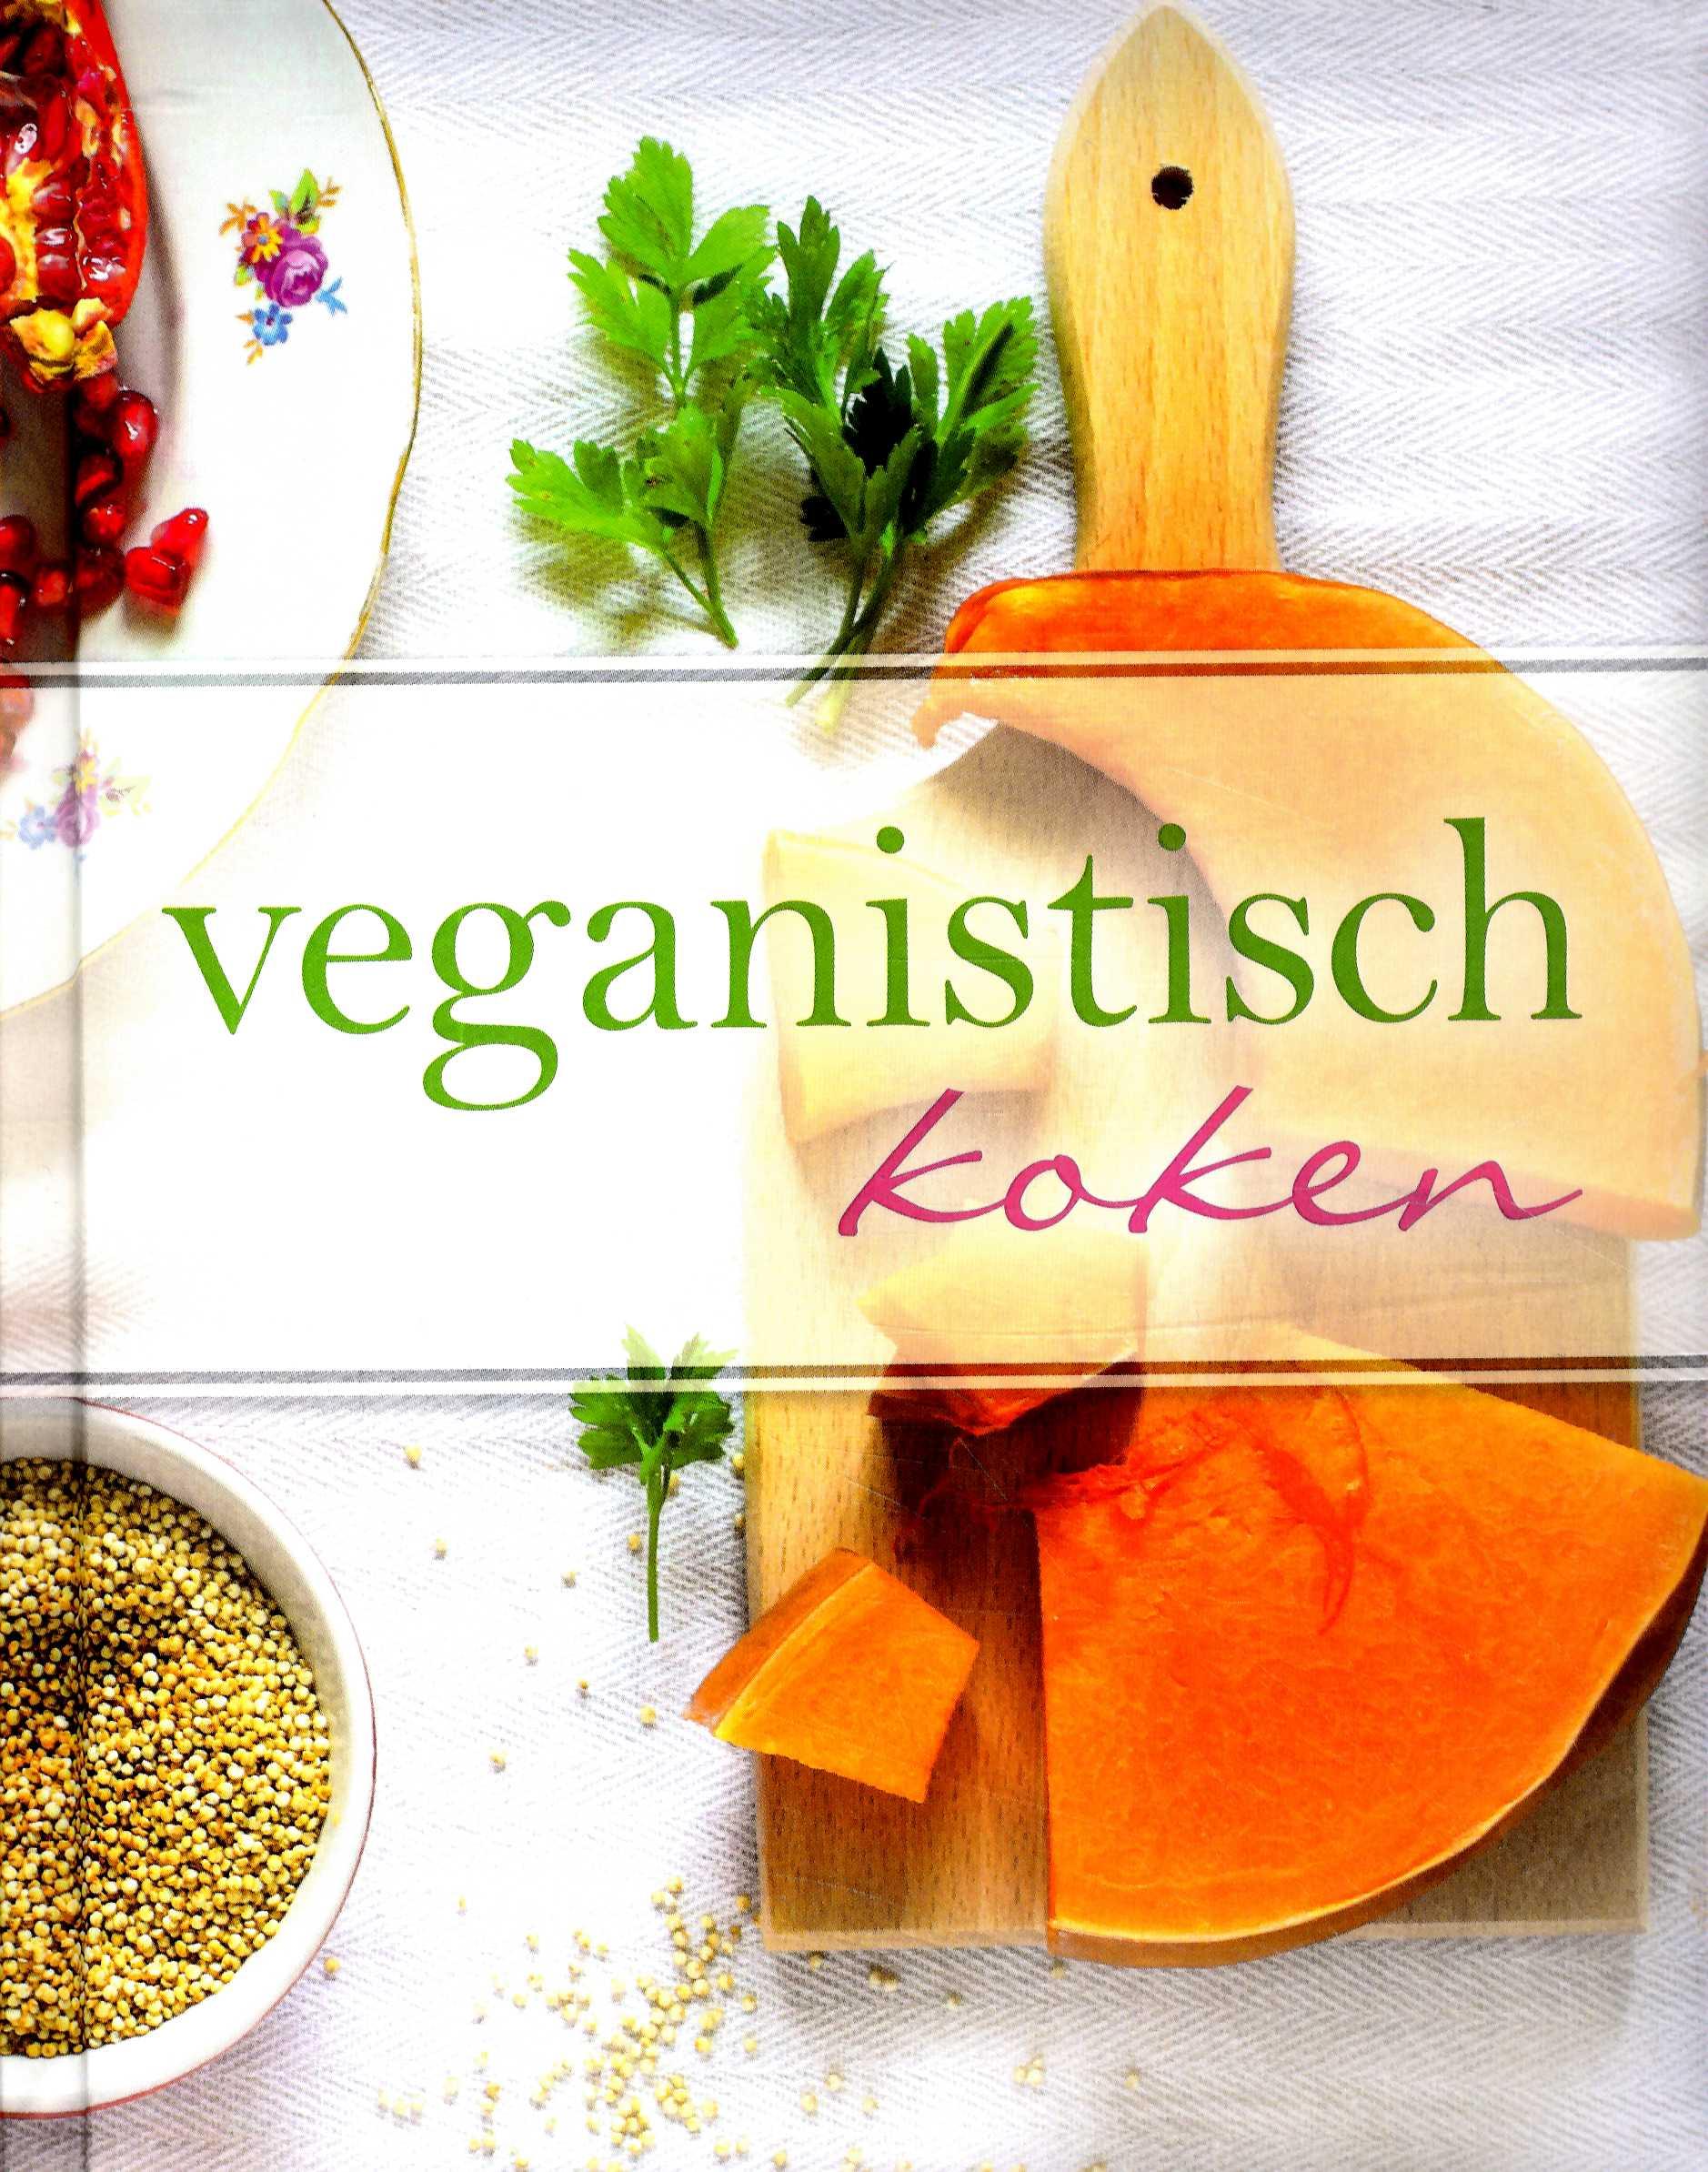 Allerlekkerste Veganischtisch koken